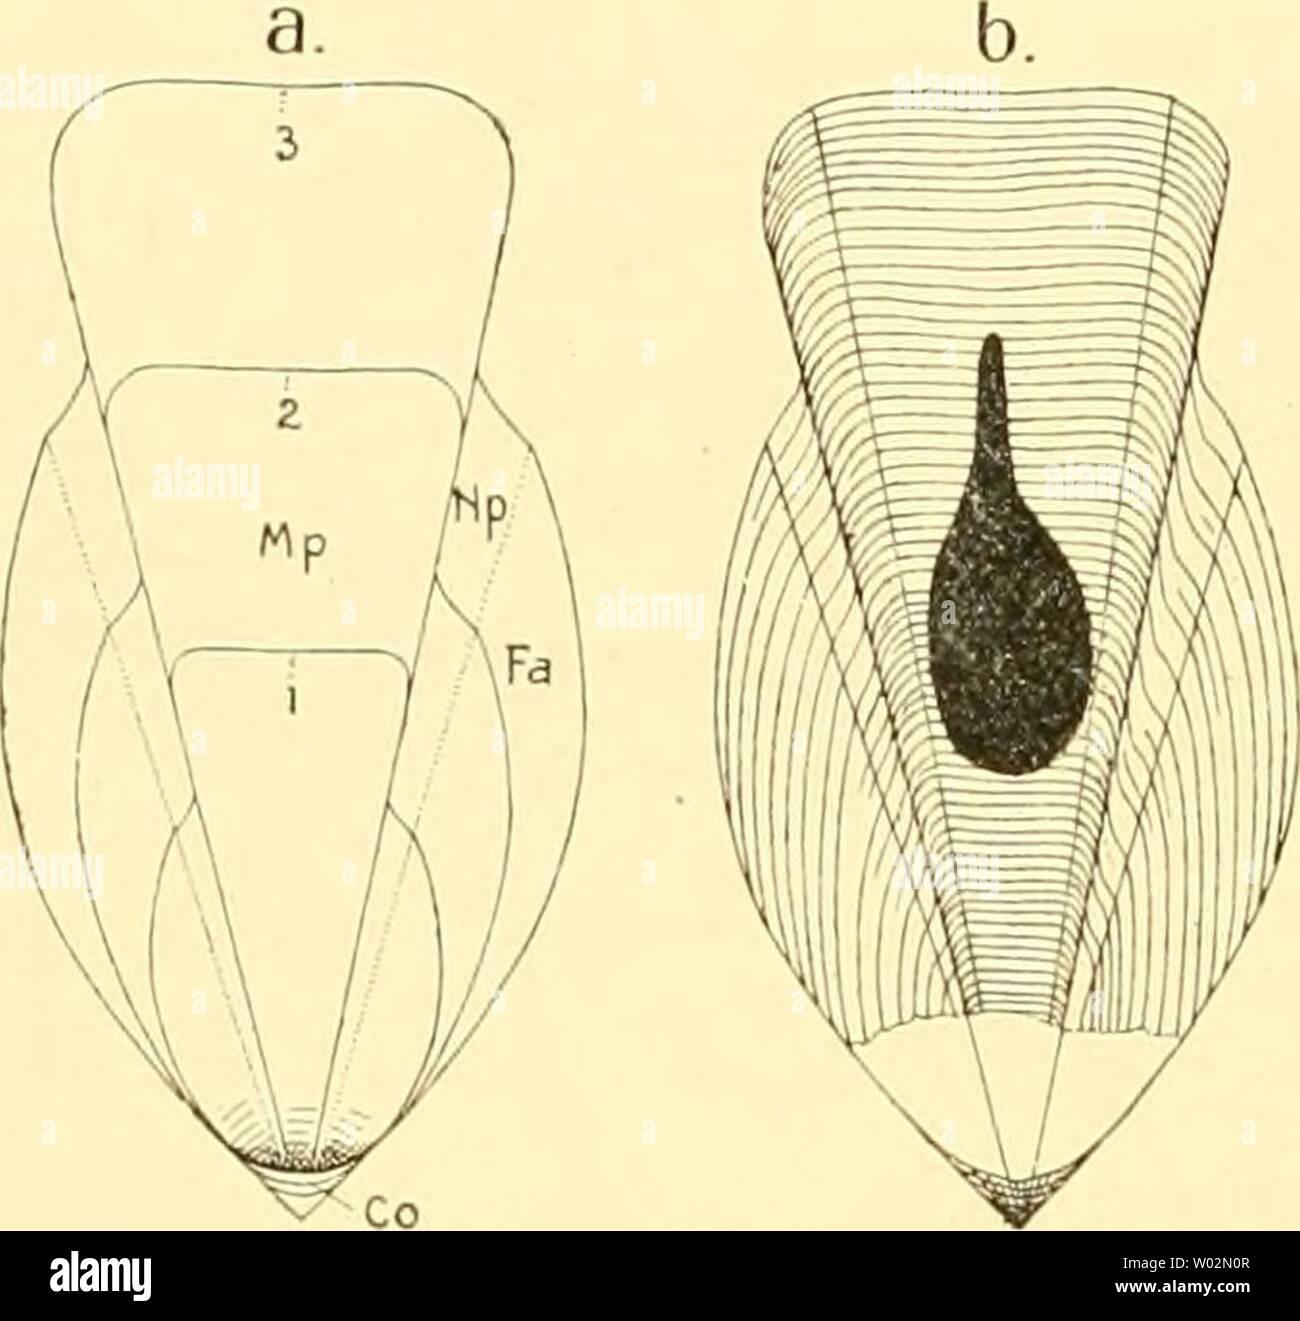 Archive image from page 151 of Die Cephalopoden, I Teil (1921). Die Cephalopoden, I. Teil  diecephalopodeni1111naef Year: 1921  144 IV. KAPITEL: DIE UNTERORDNUNG DER TEUTHOIDEA reichen und von der Mittelplatte durch schmale Felder mit winkelartig rück- und vorwärts gezogenen Streifen getrennt sind. Wie i. mit sehr großem Tintenbeutel, der weit nach hinten liegt. Hierher auch Loliginites coriaceus Quenstedt. Während ilie Prototeuthoidea sich noch ziemlich eng an die Belemnoidea anschließen, treten bereits im Lias auch Schulpe auf, die schrittweise zu den recenten Metateuthoidea hinleiten. Das s - Stock Image